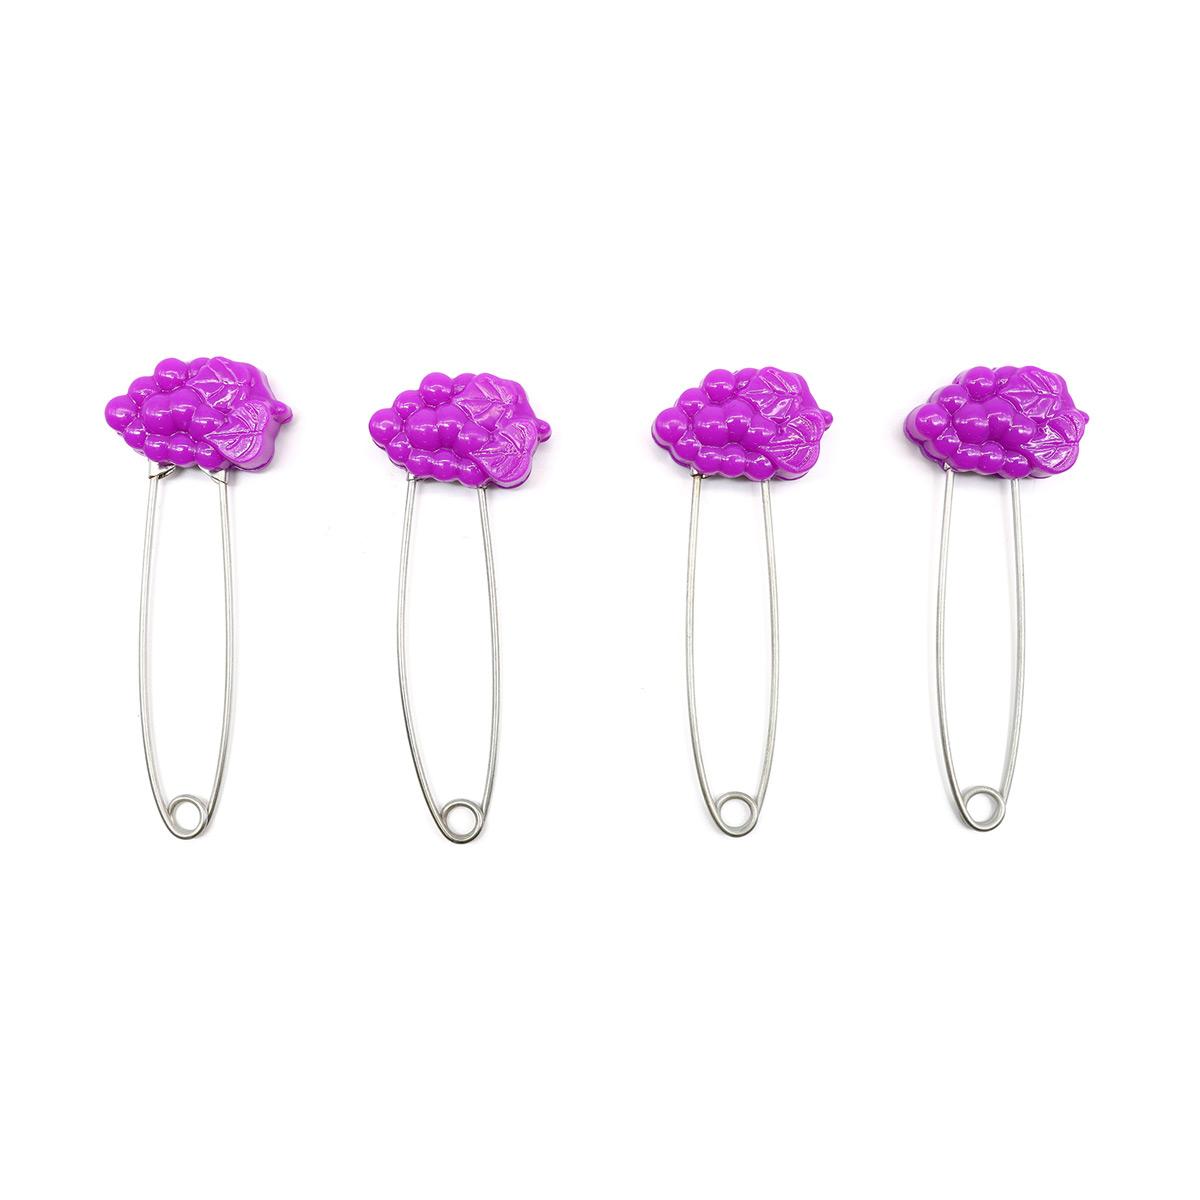 220151 Булавки английские с декоративной пластиковой головкой 'Виноград', 4 шт.